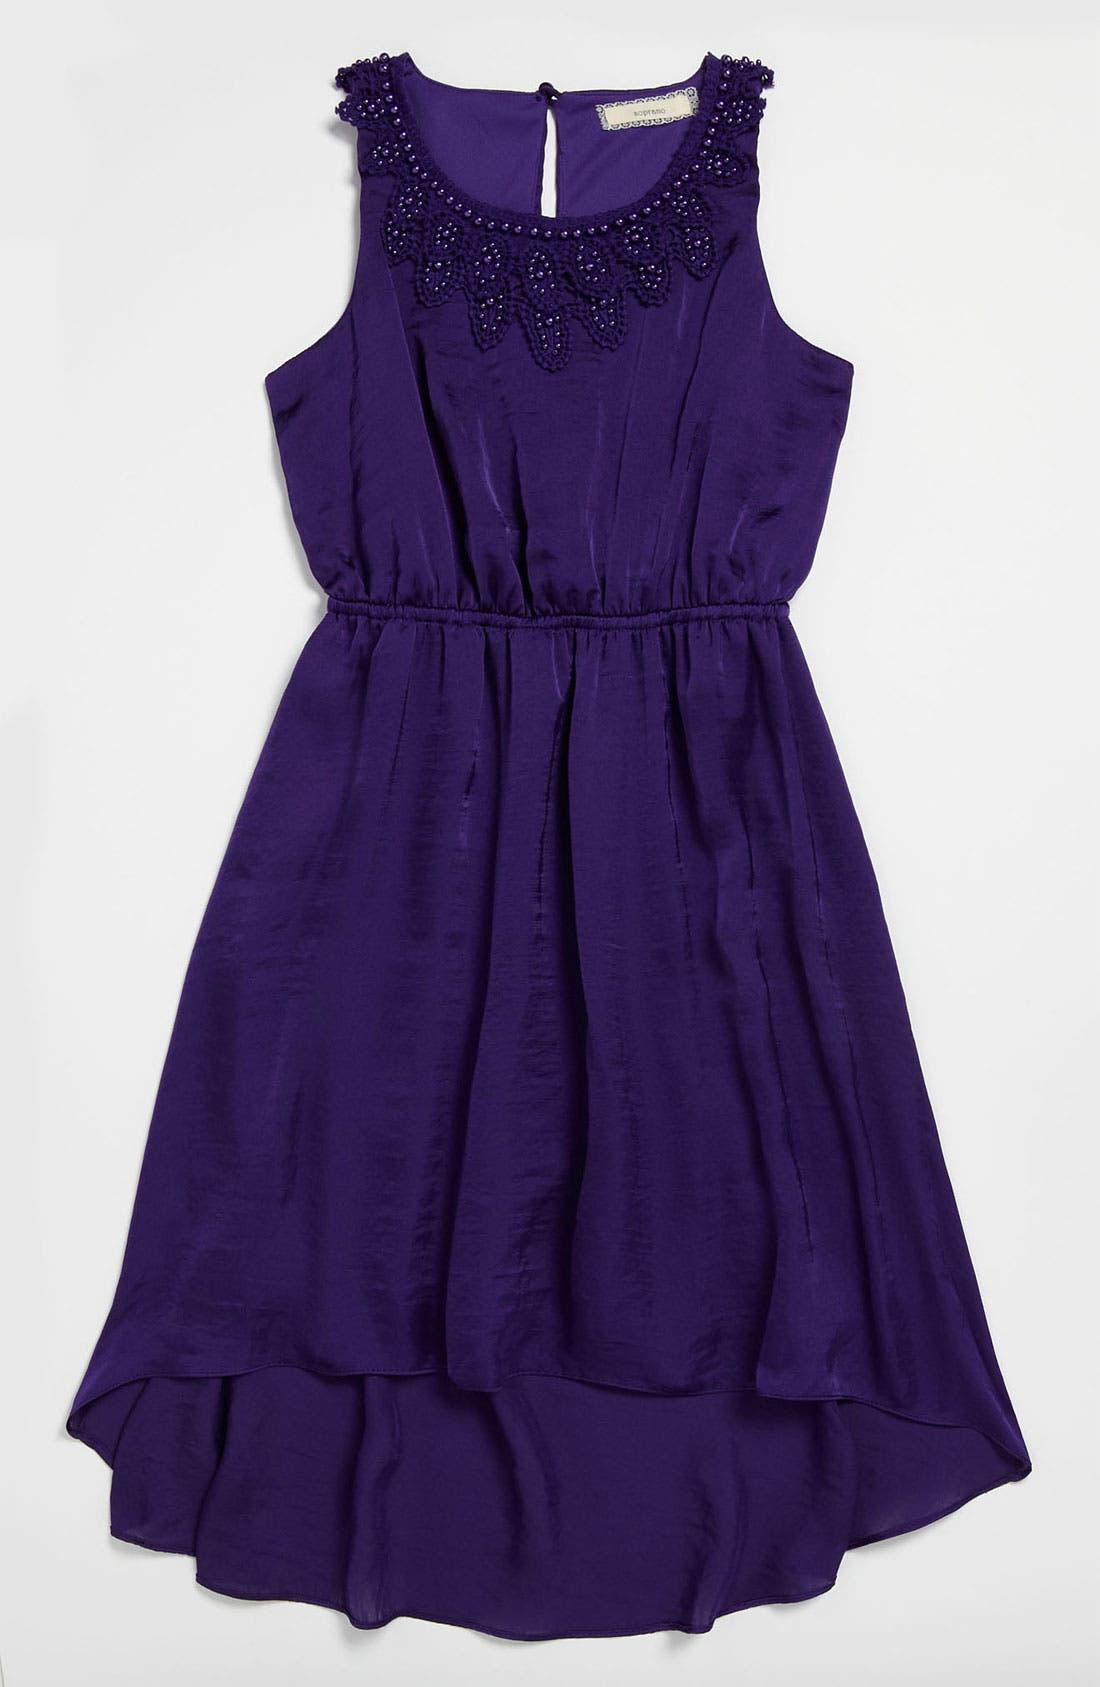 Main Image - Soprano Sleeveless Dress (Big Girls)